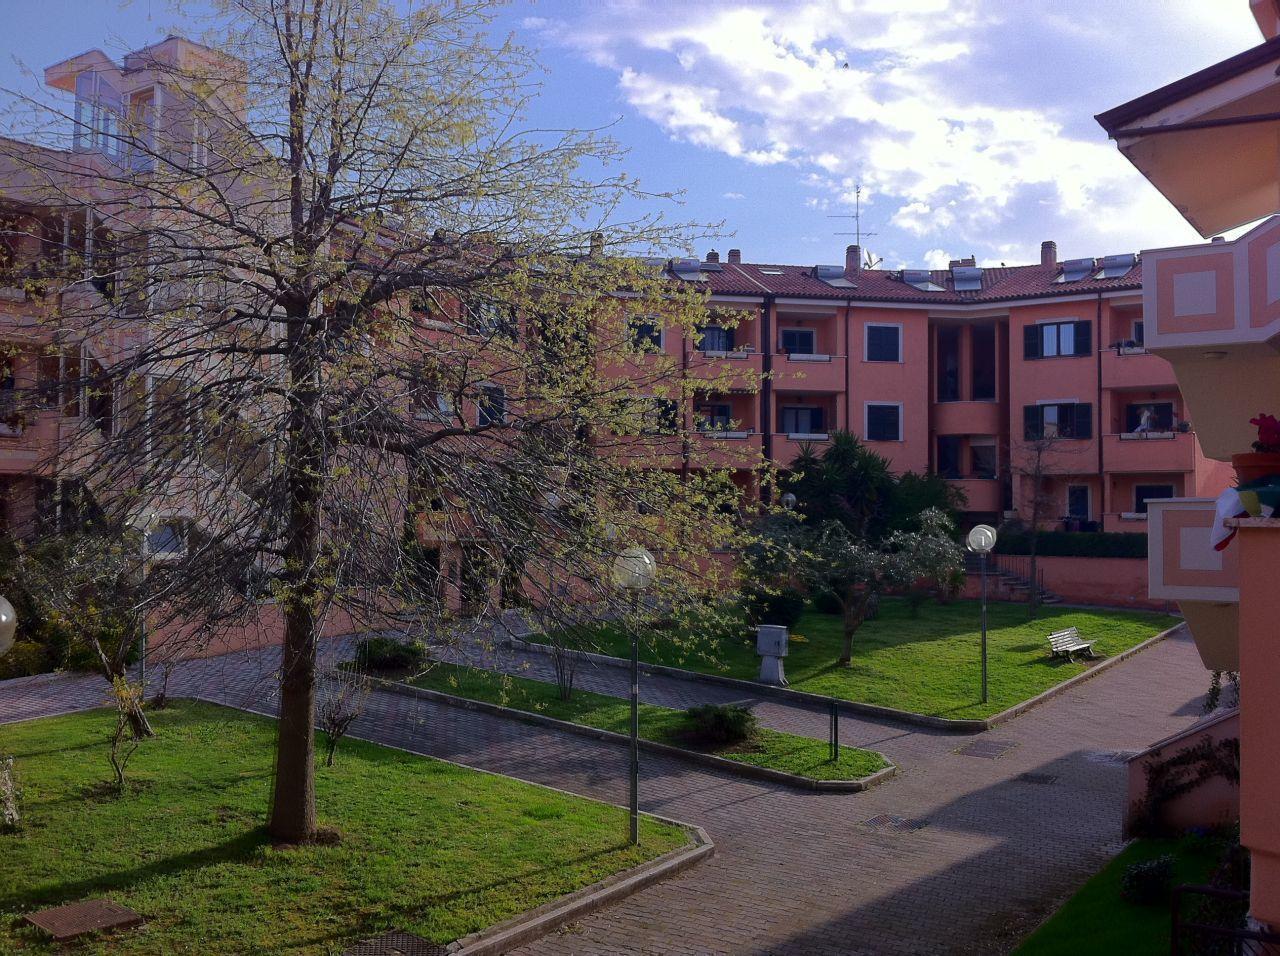 Appartamento in vendita a Grottaferrata, 2 locali, prezzo € 169.000 | Cambio Casa.it